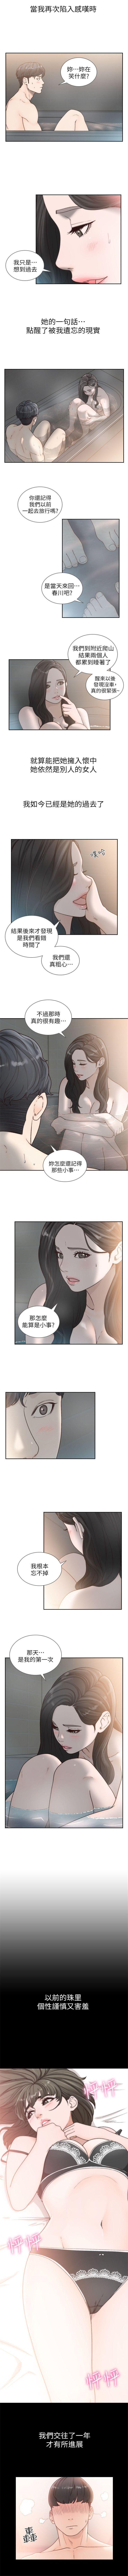 前女友 1-48 中文翻译(更新中) 80